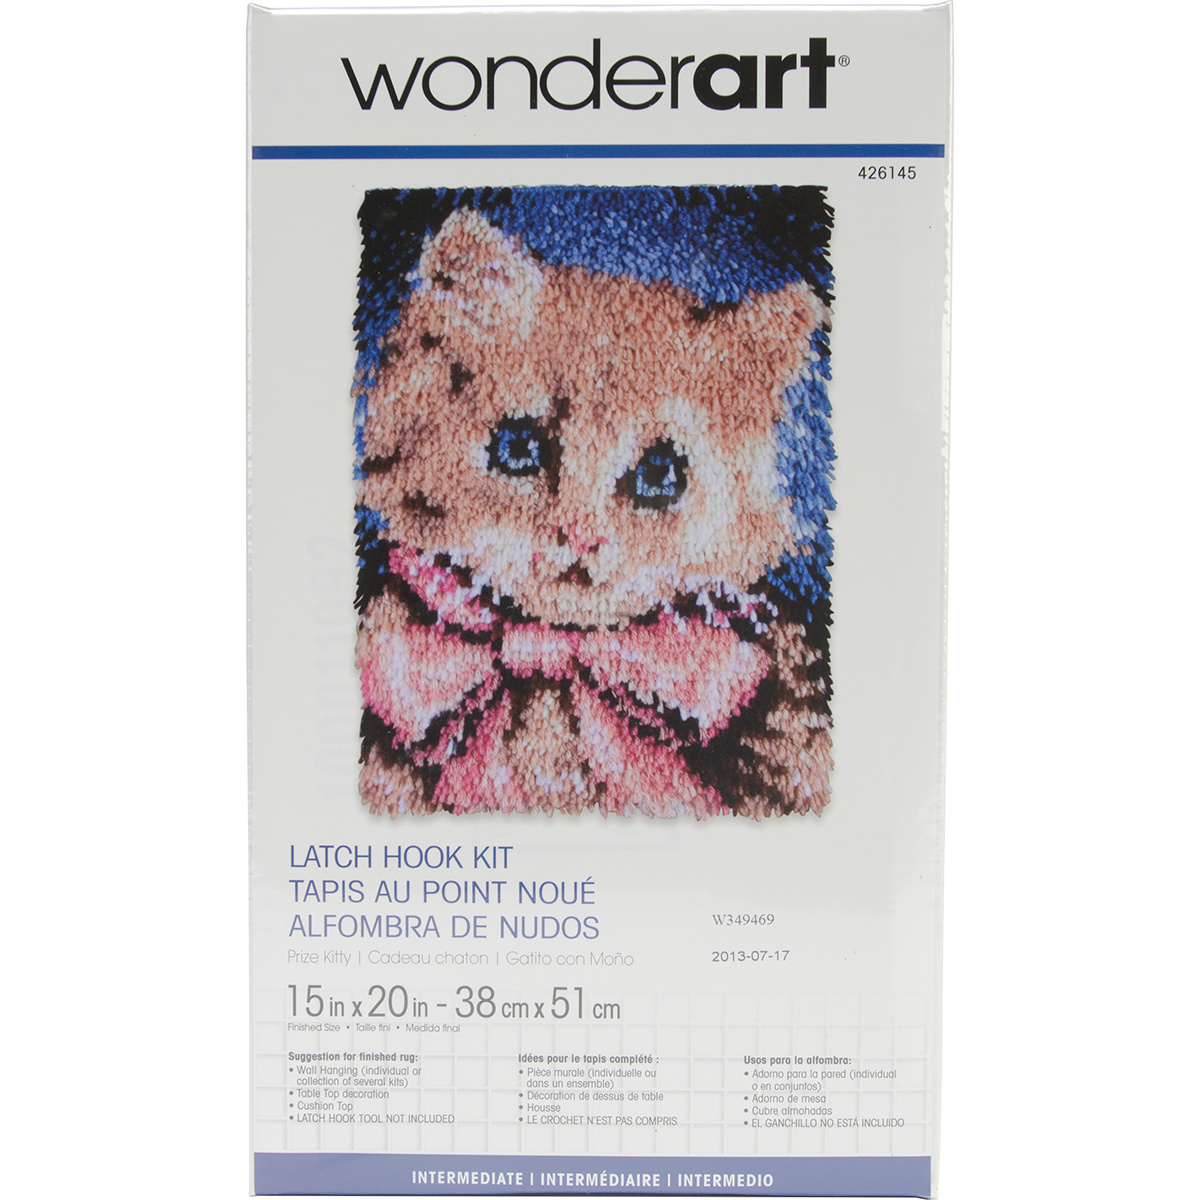 Patons Wonderart Prize Kitty Latch Hook